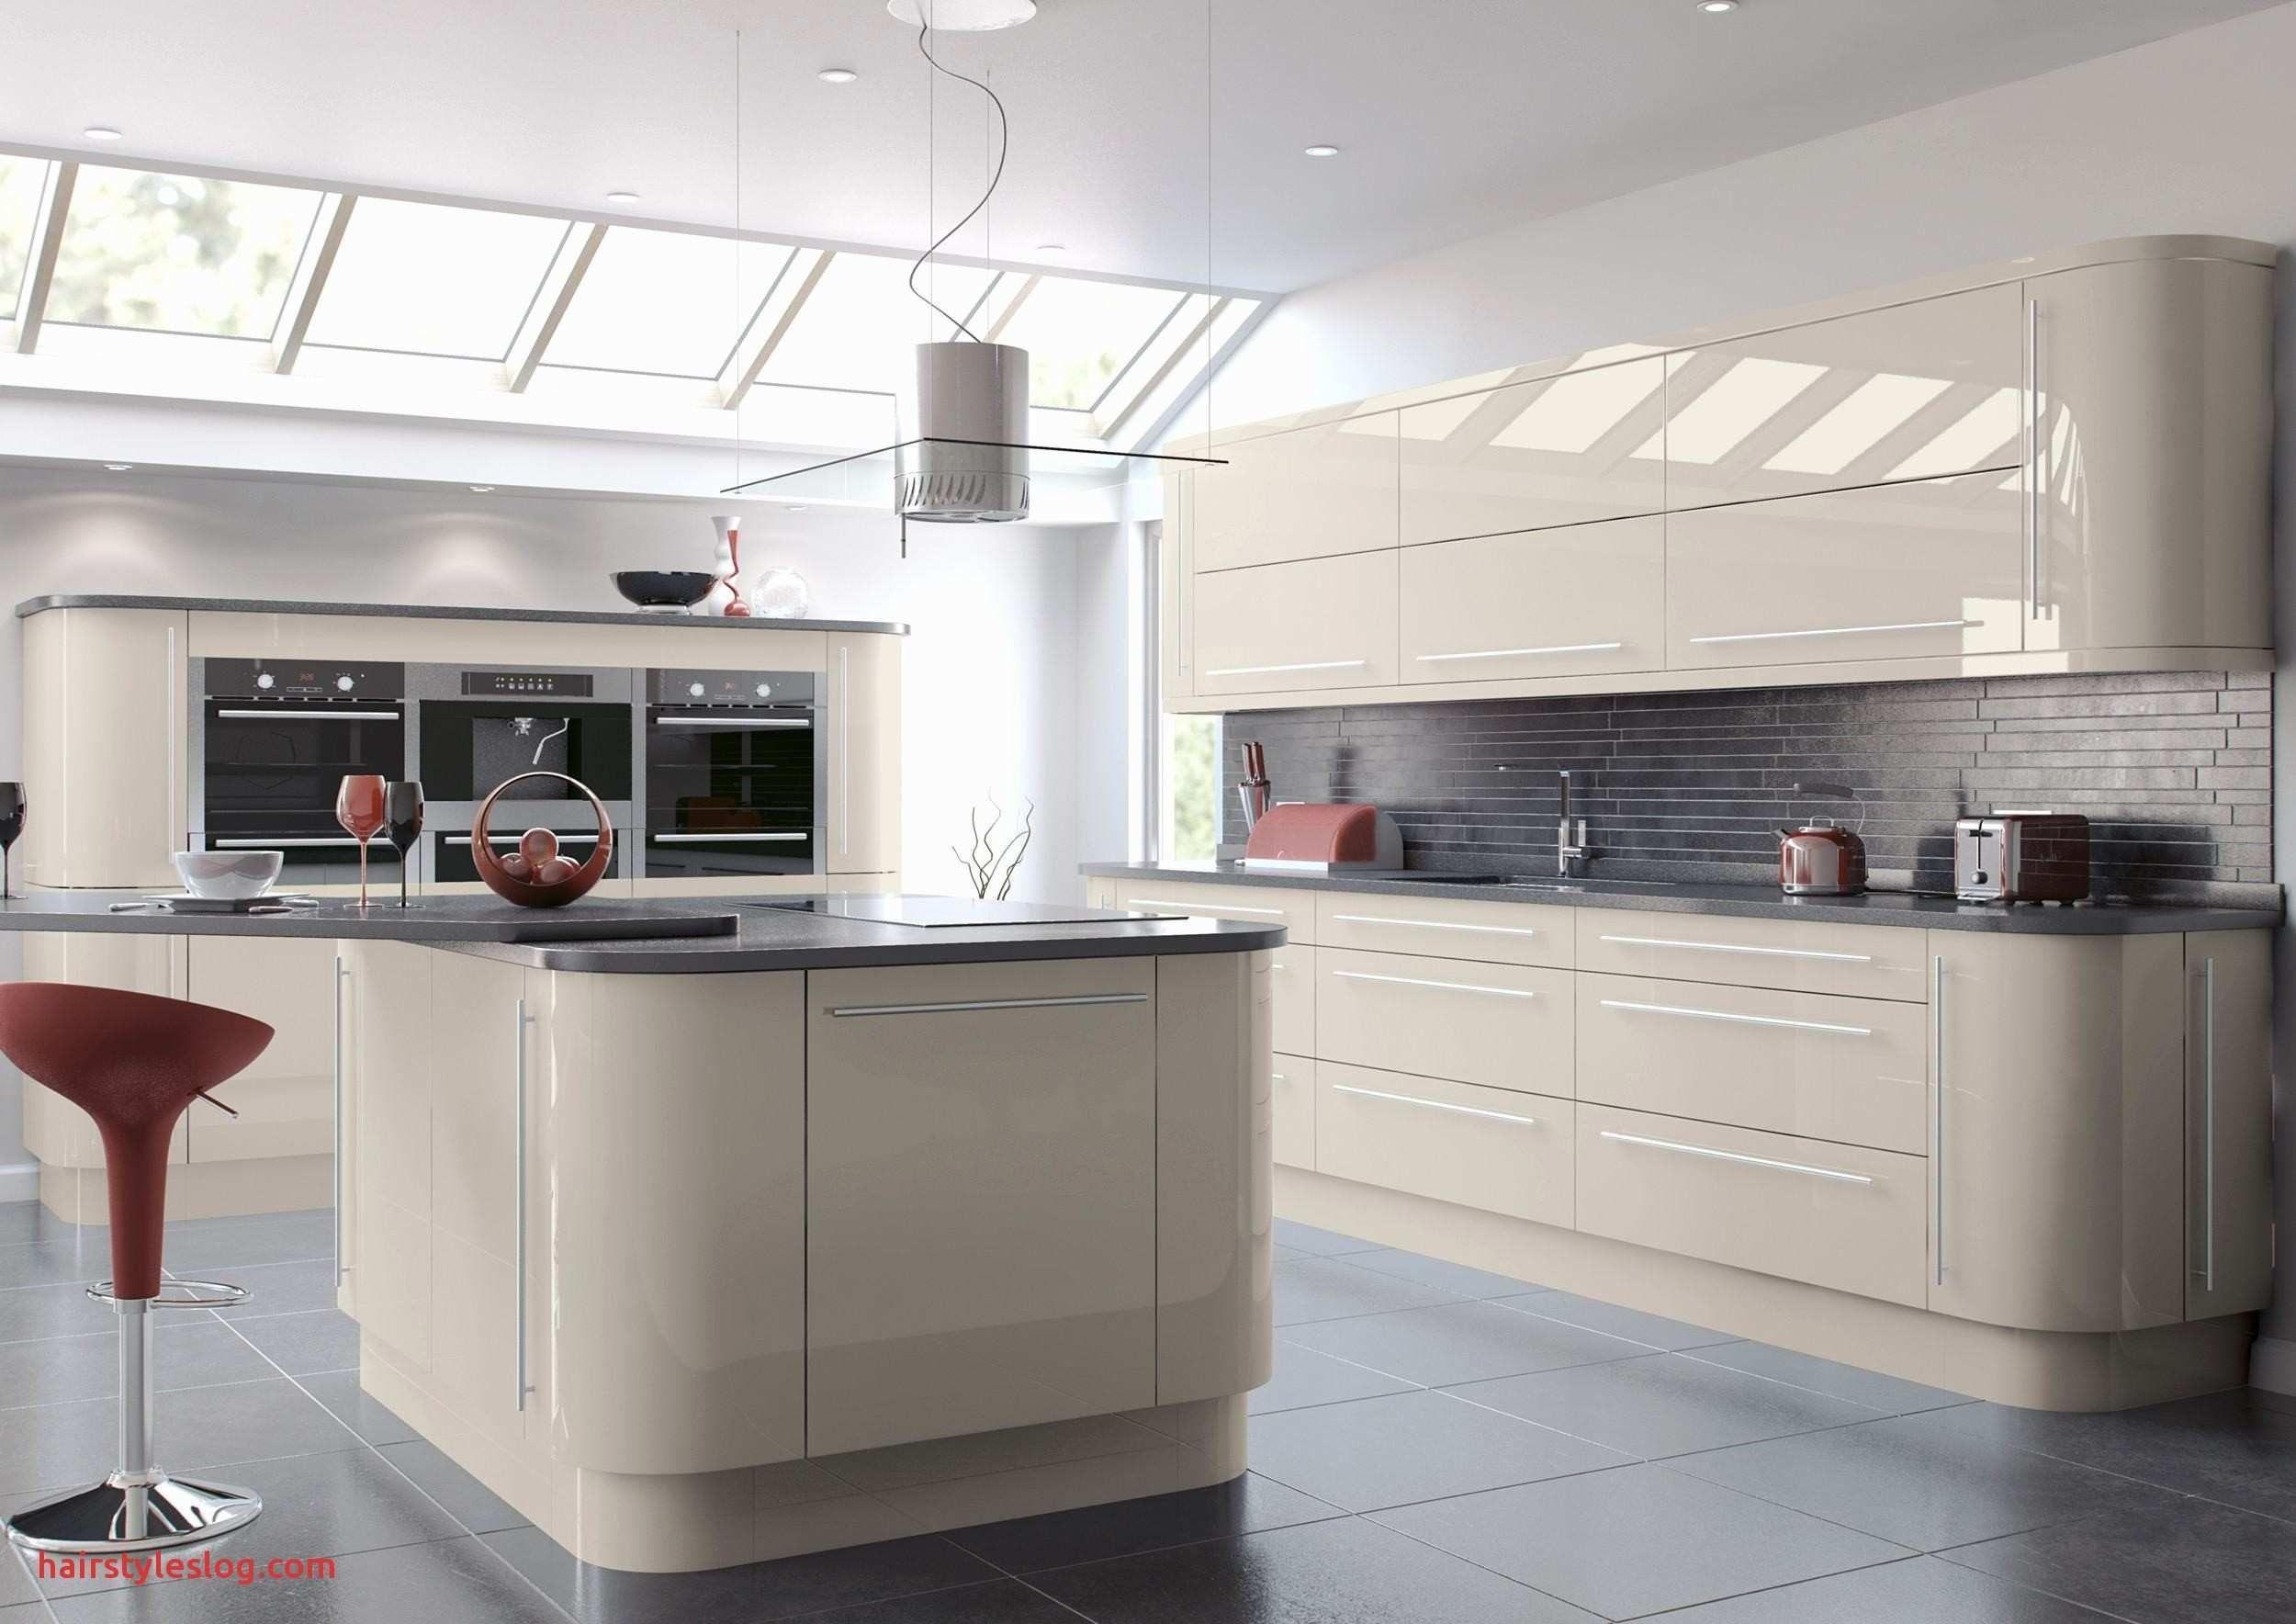 36+ Unique Tiles Inspiration (With images) Cashmere kitchen